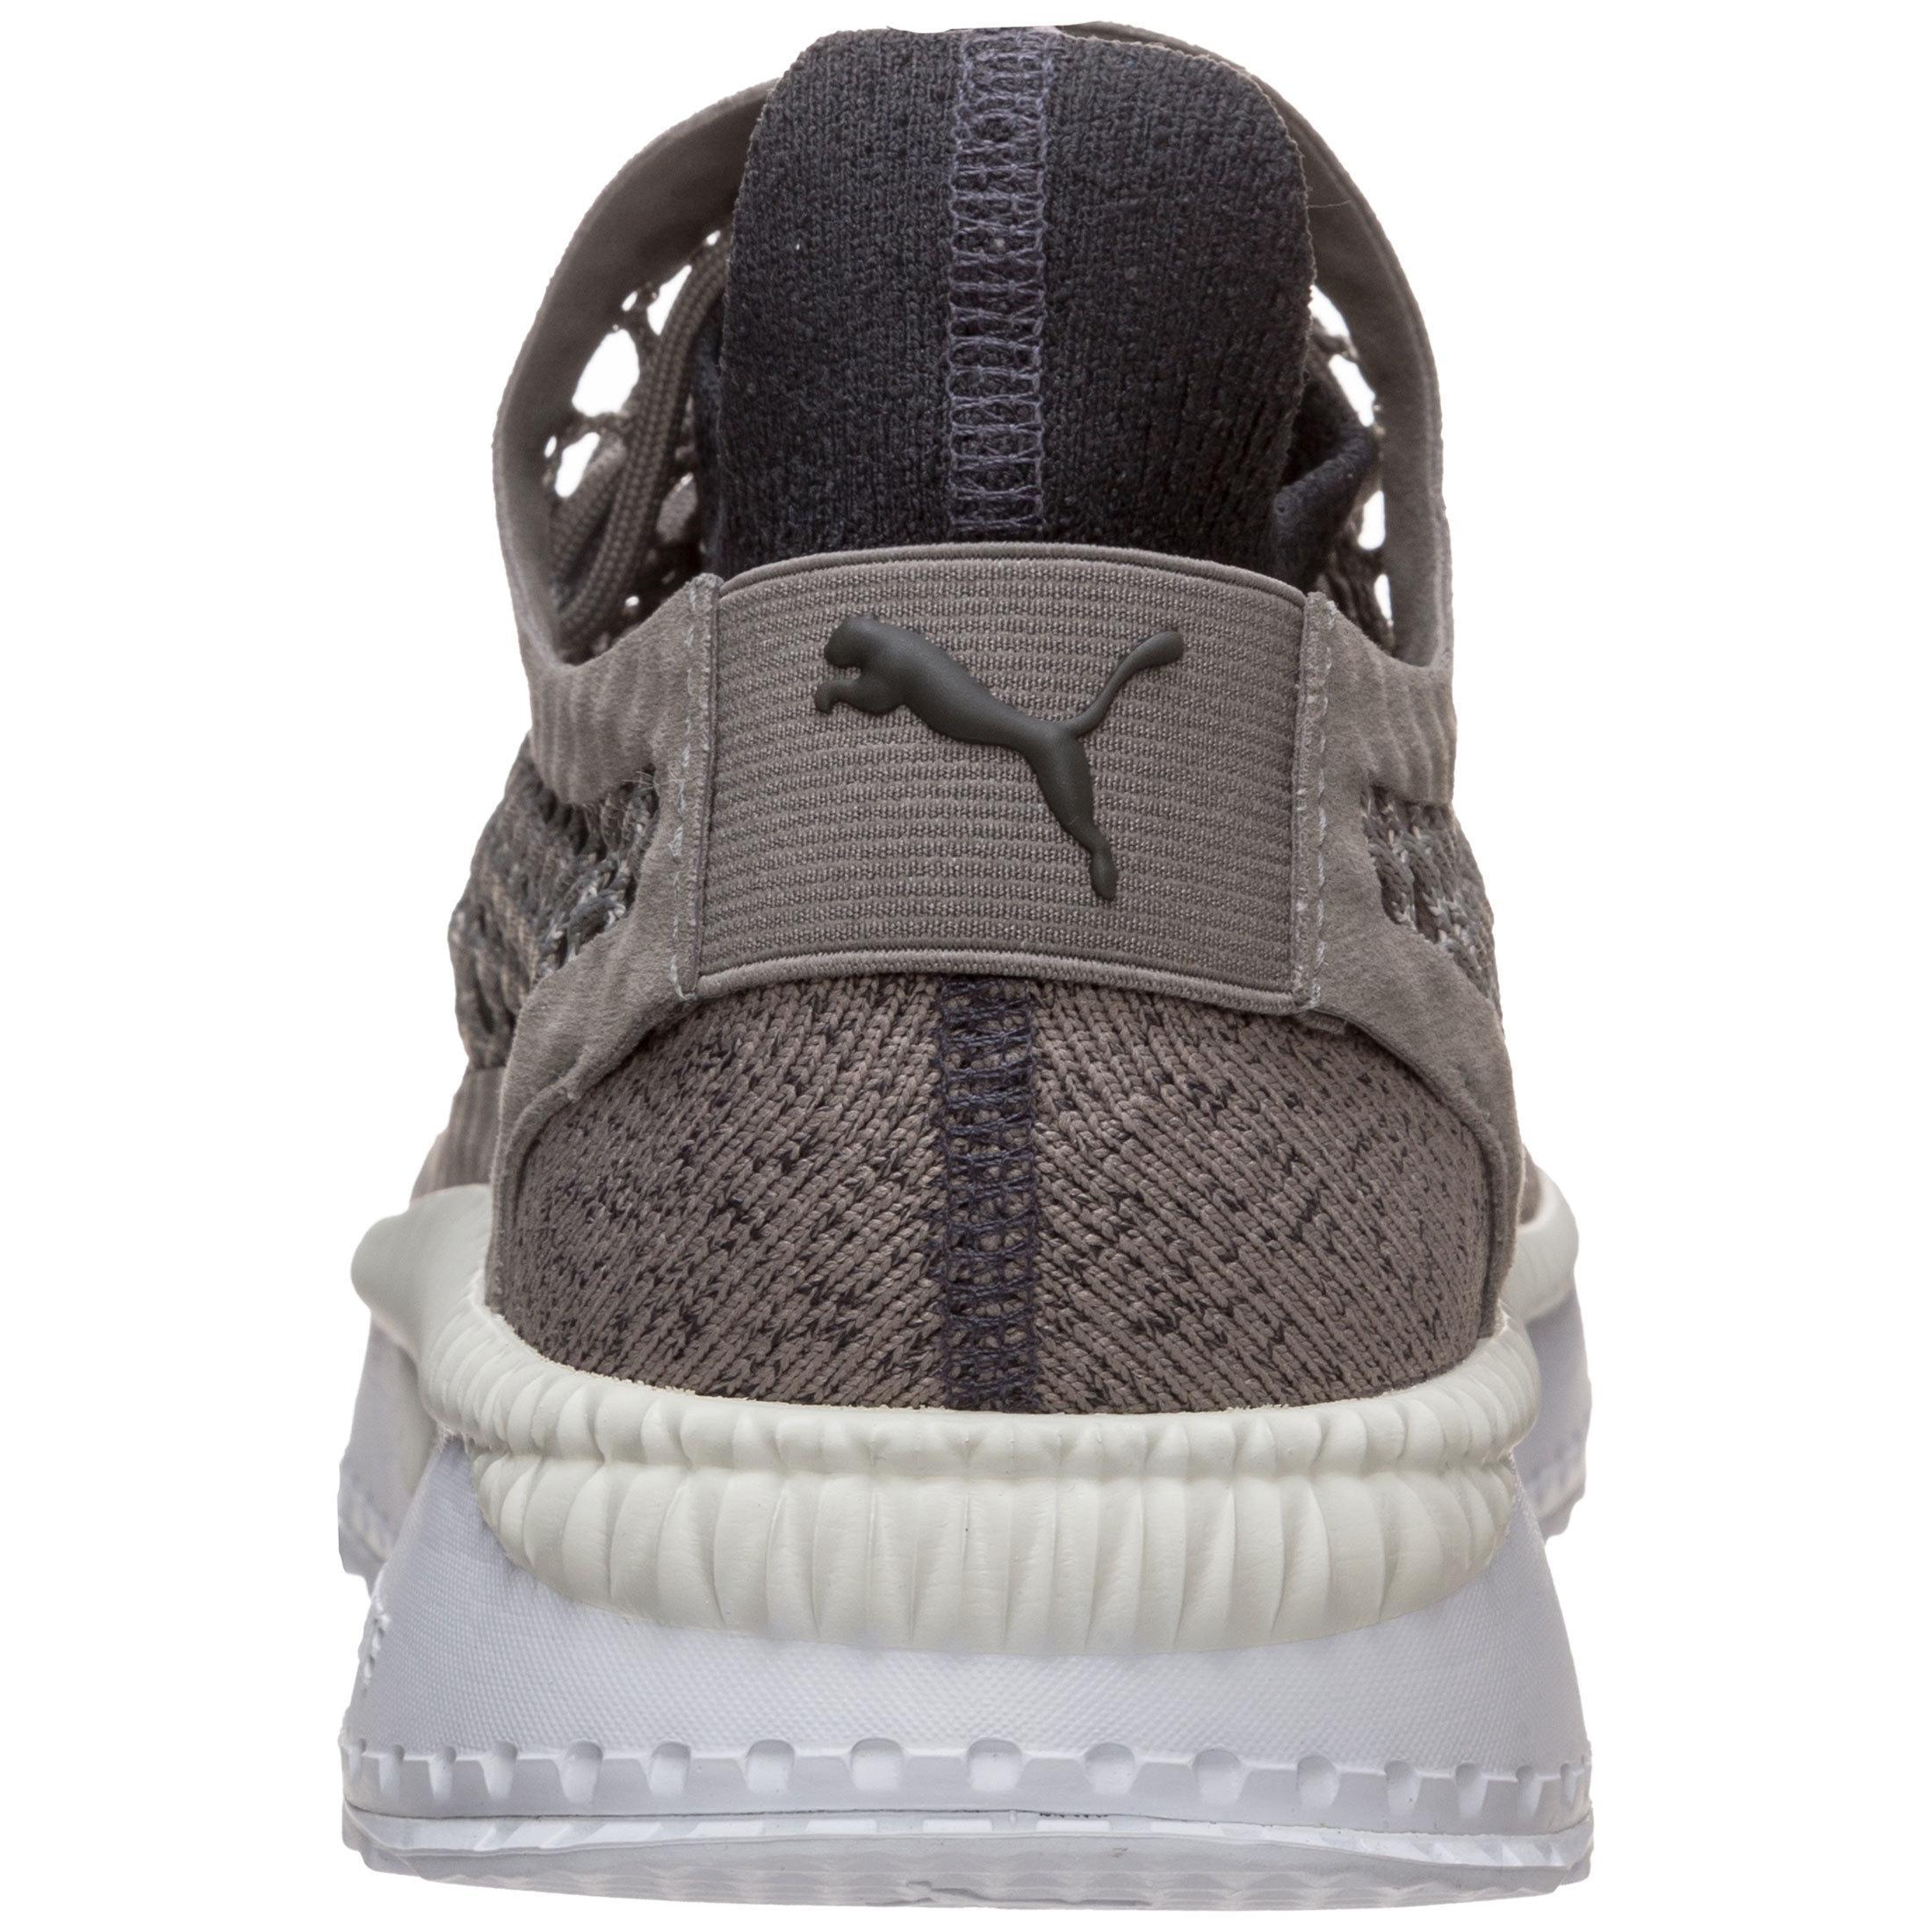 PUMA TSUGI TSUGI TSUGI Netfit v2 evoKNIT Sneaker Herren braun / grau im Online Shop von SportScheck kaufen Gute Qualität beliebte Schuhe 39a551